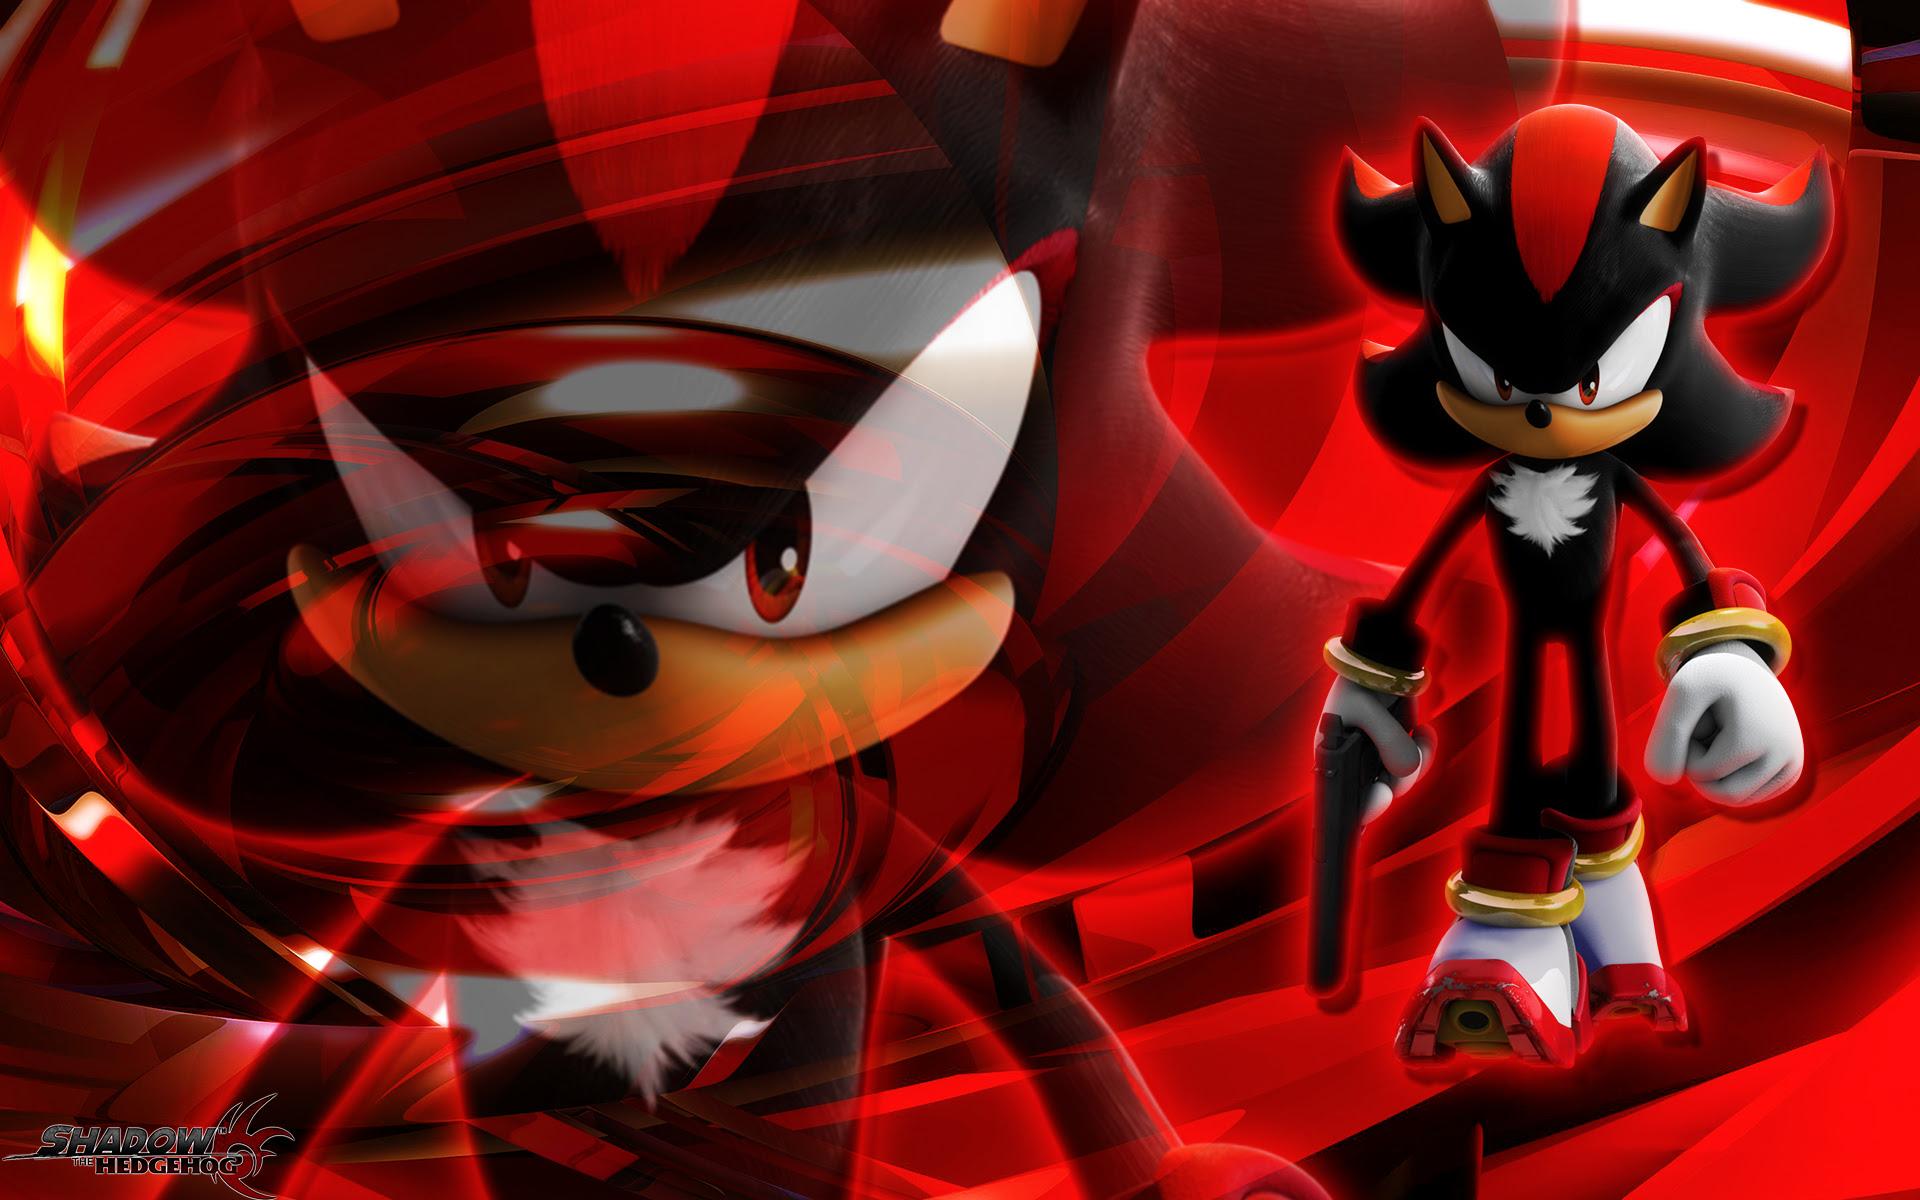 Download Free Shadow the Hedgehog Wallpapers | PixelsTalk.Net